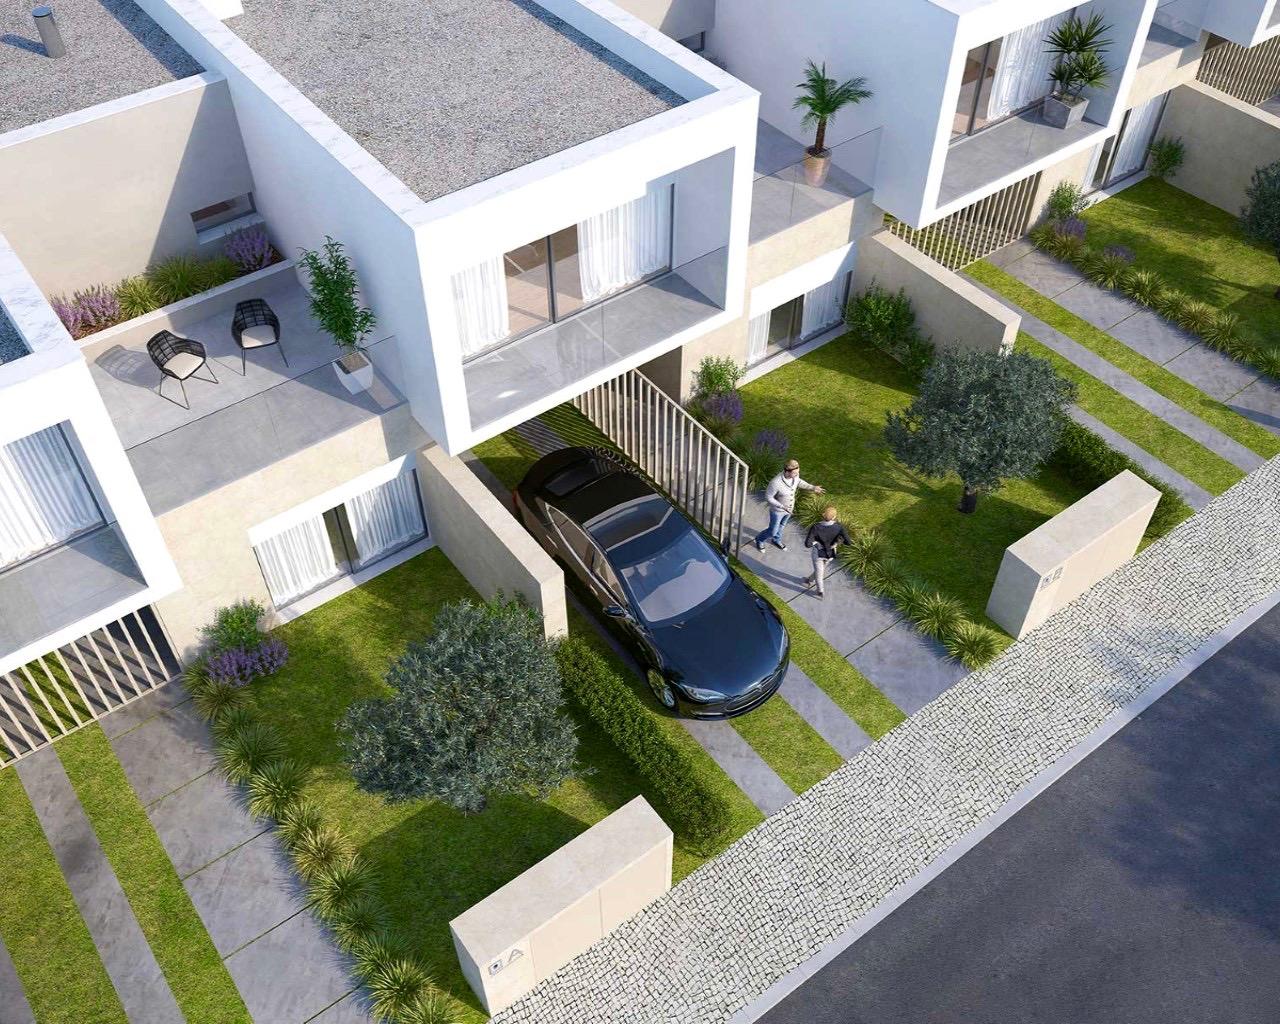 Maison contemporaine de 3 chambres dans un condominium fermé à Ferragudo  - Magnifique maison contemporaine de 3 chambres Magnifique maison contemporaine de 3